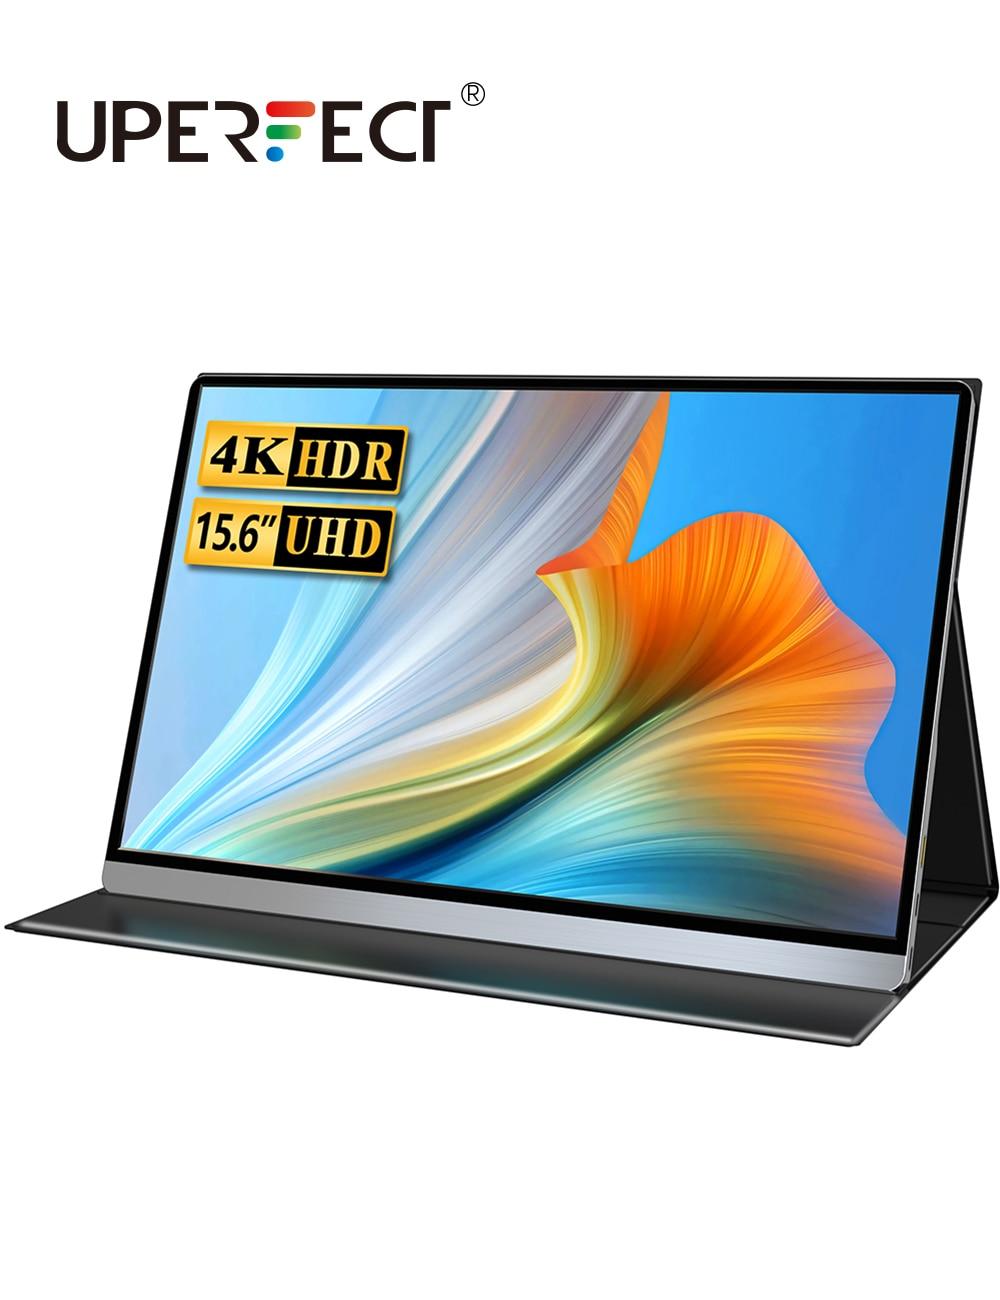 Uperfect 15.6 Polegada 3840x2160 4k ips hdmi portátil monitor de jogos para ps3 ps4 macbook 17.3